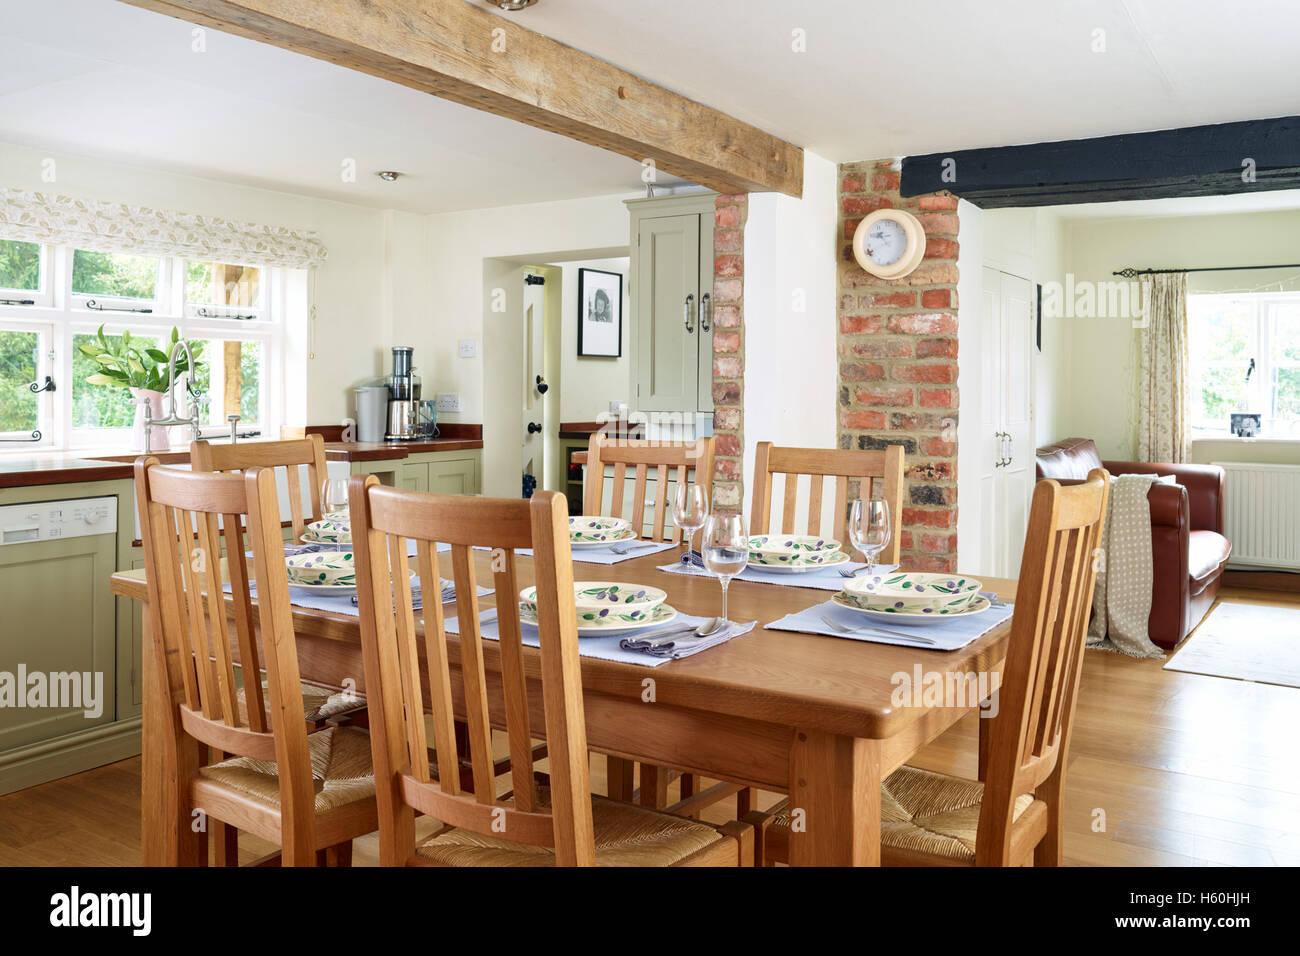 Un paese cucina, zona pranzo con un tavolo vestito per la cena Immagini Stock